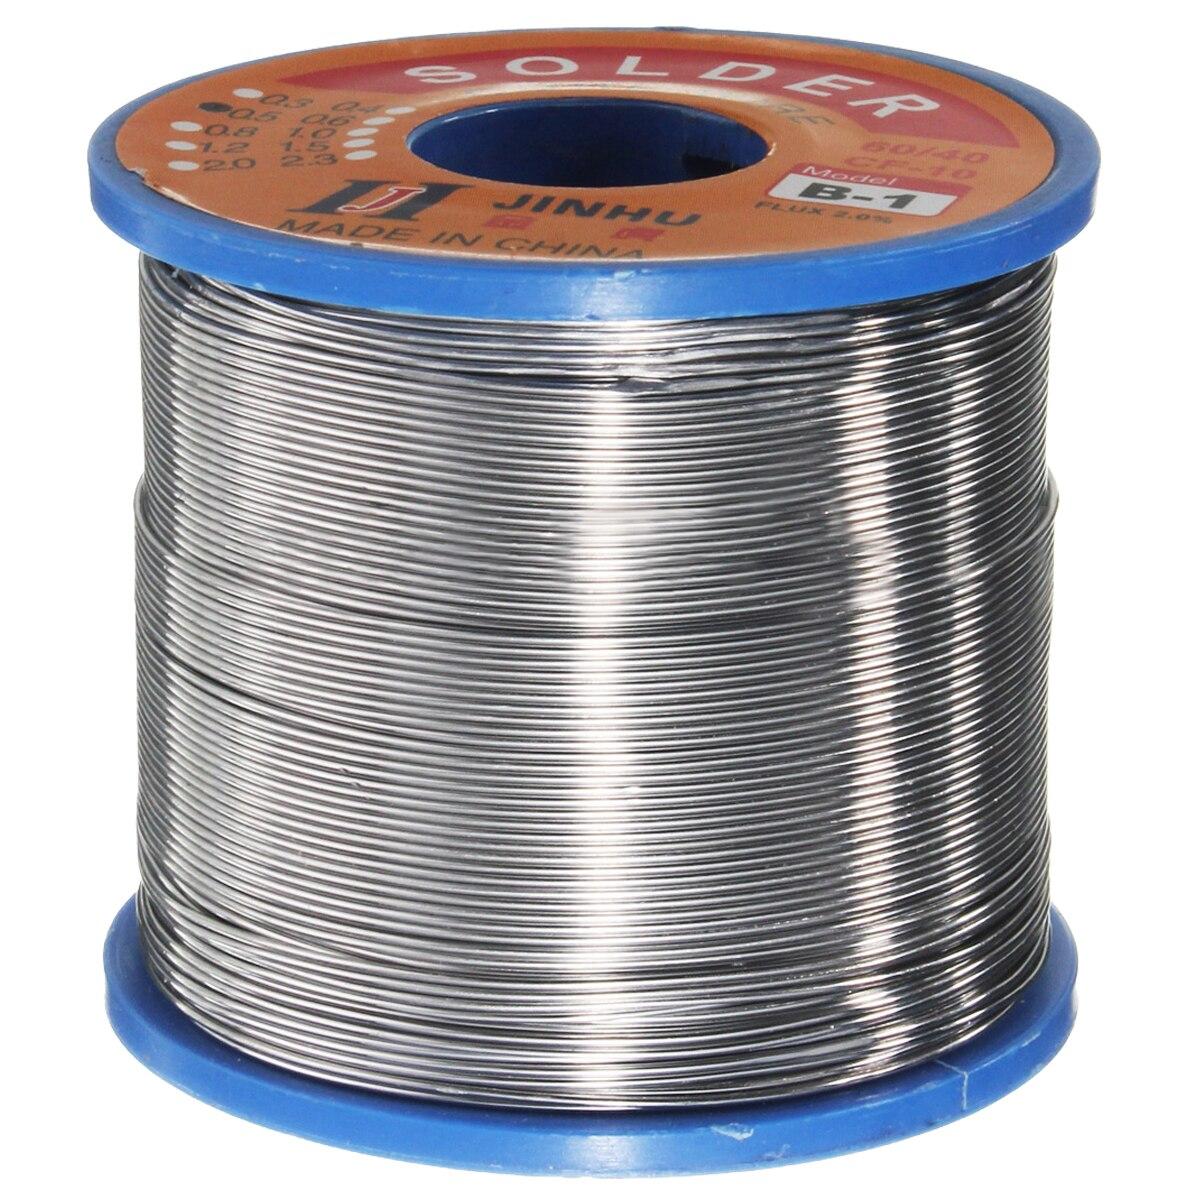 400g 60/40 di Stagno piombo Solder Flux Wire Rosin Core Saldatura Rotolo di 0.6-1.2mm